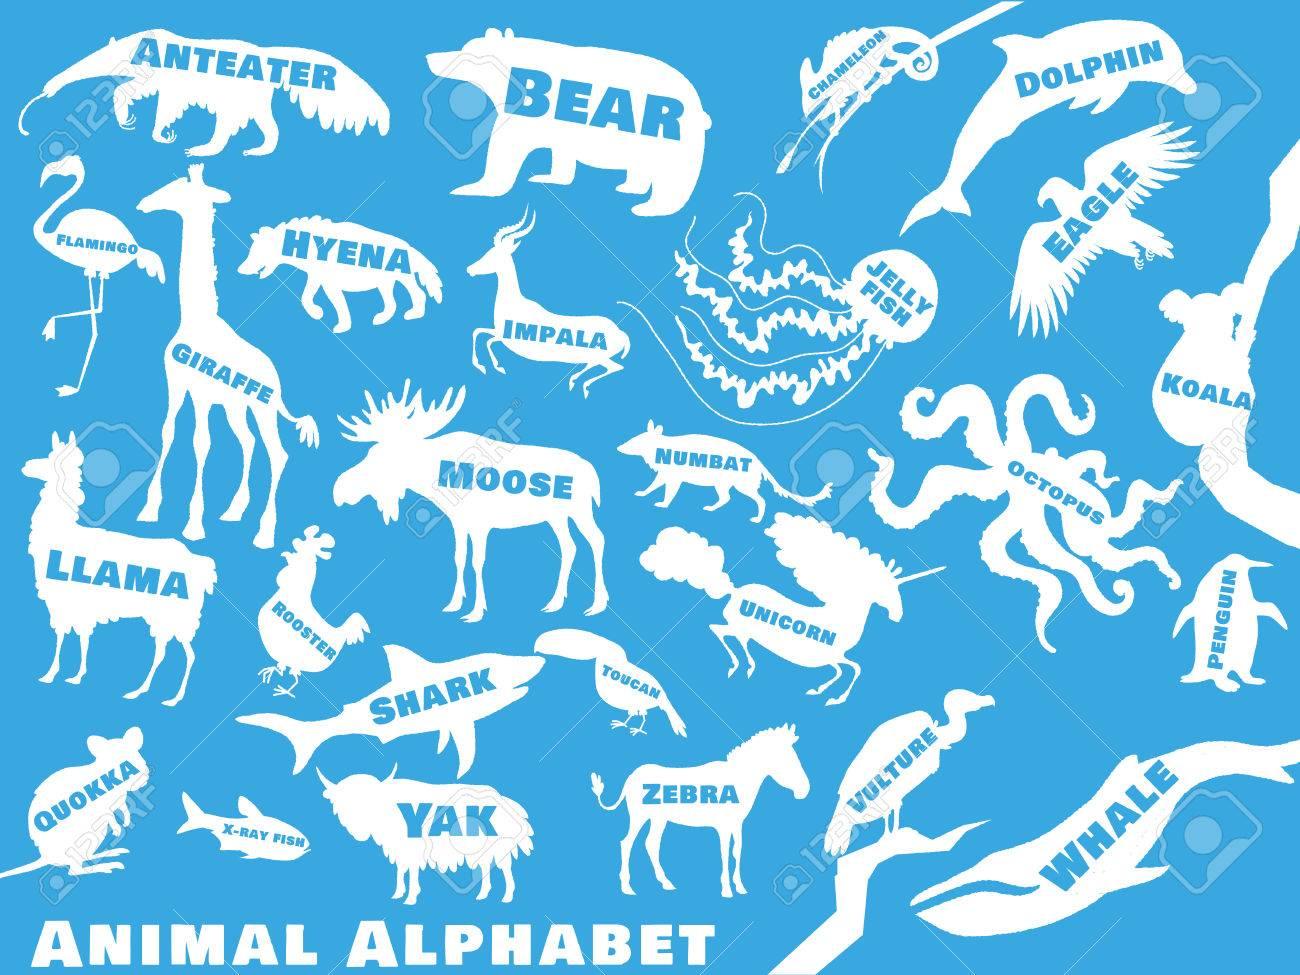 Tieralphabetplakat Für Kinder. Tier-Silhouetten Mit Namen Und ...